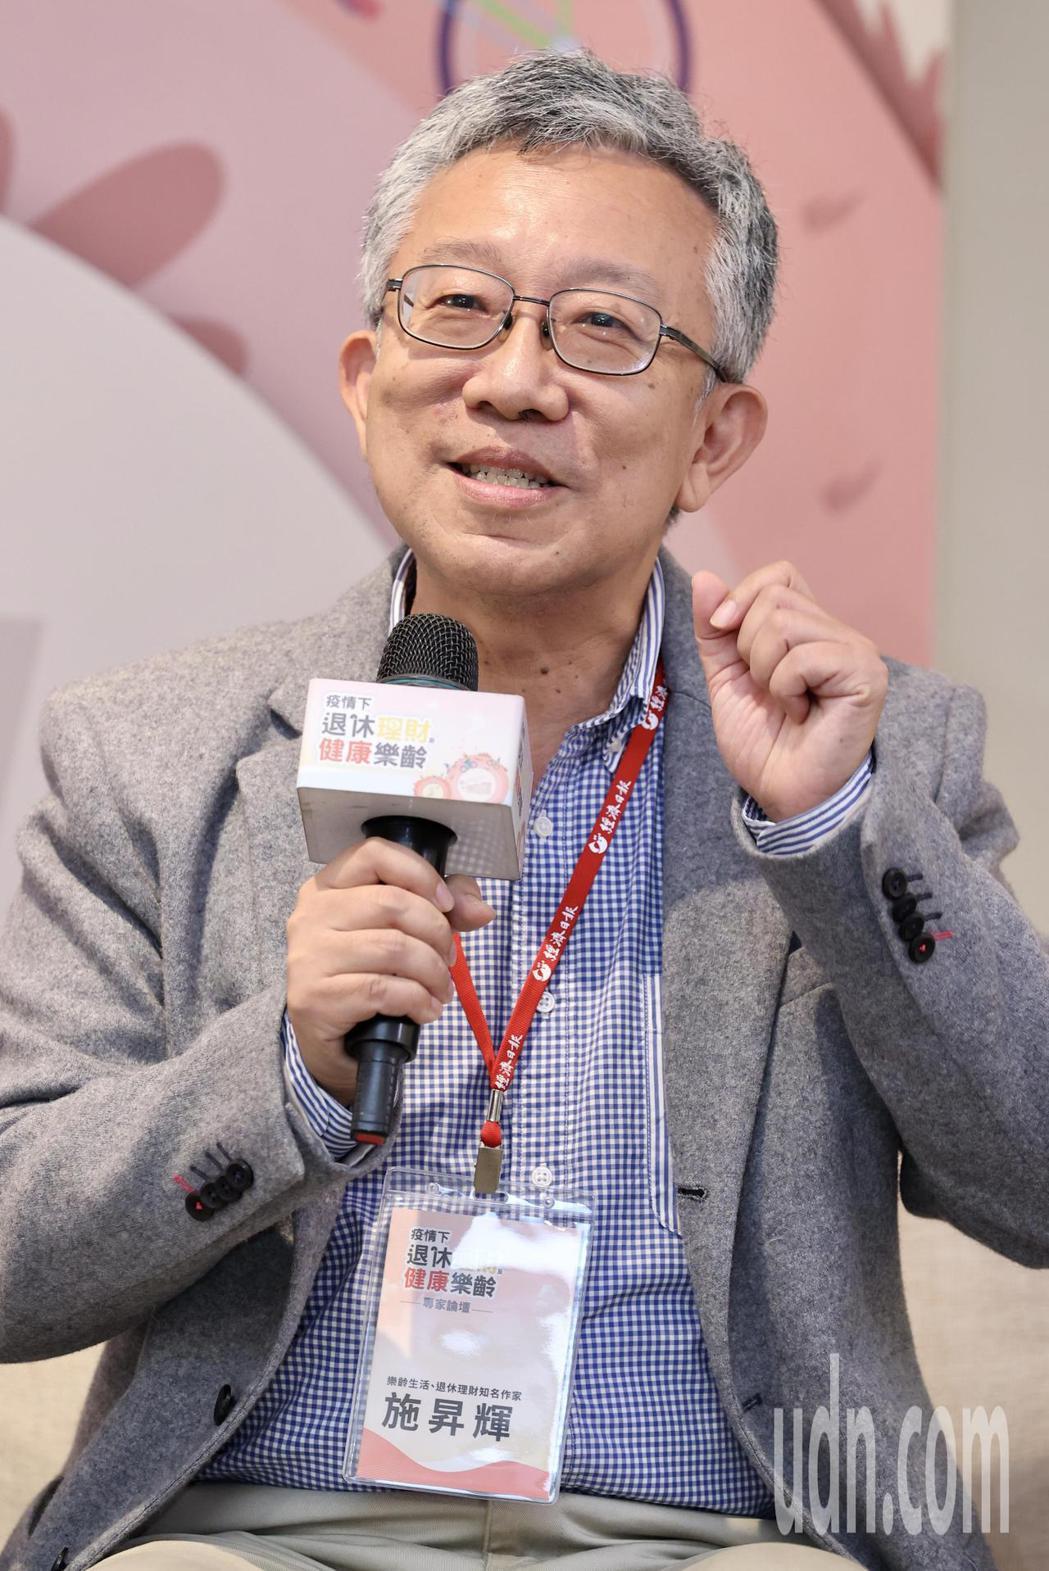 疫情下退休理財及健康樂齡專家論壇,樂齡生活、退休理財知名作家施昇輝。記者林俊良/...